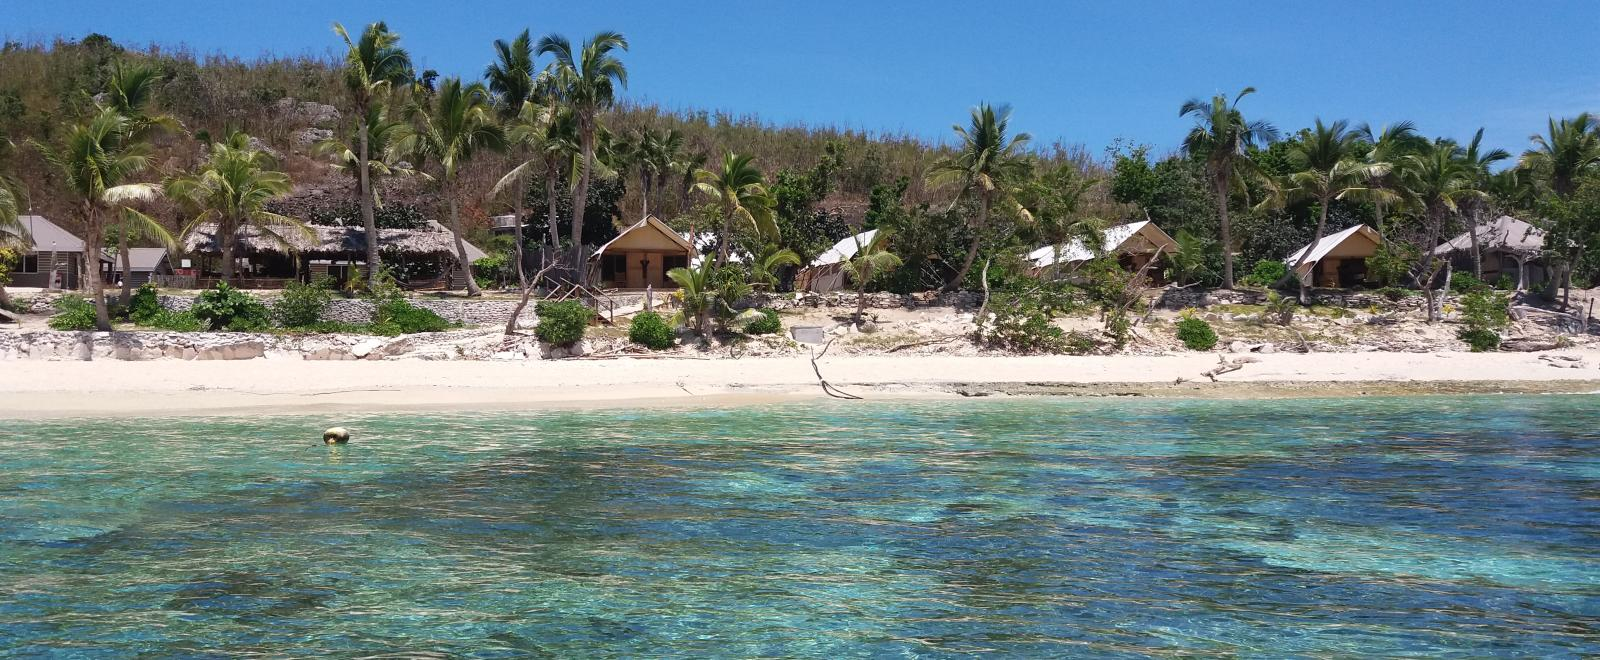 Kinderbetreuung auf den Fidschi-Inseln von Anina S